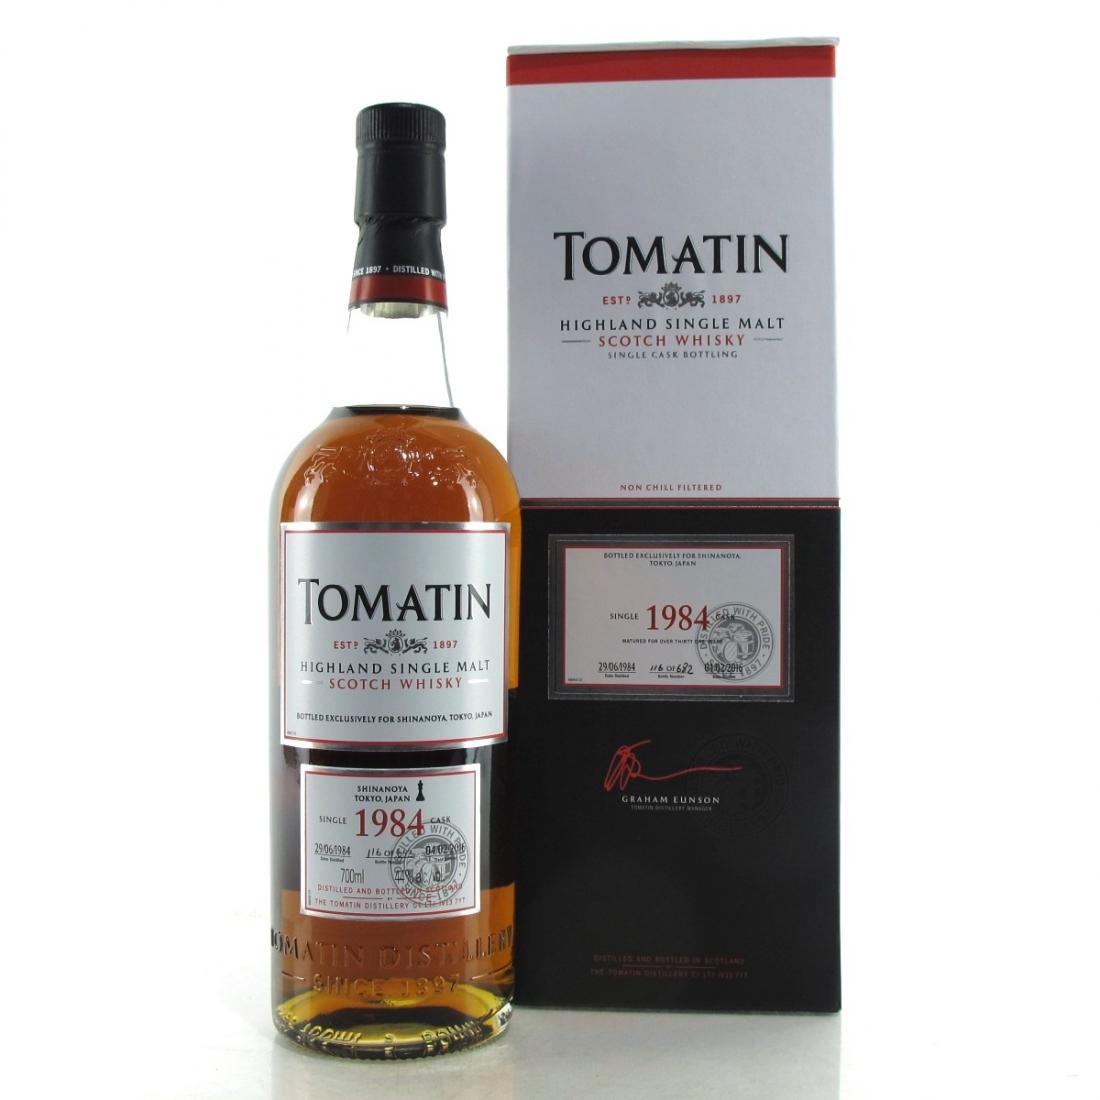 Tomatin 1984 Single Cask 31 Year Old #36504 / Shinanoya